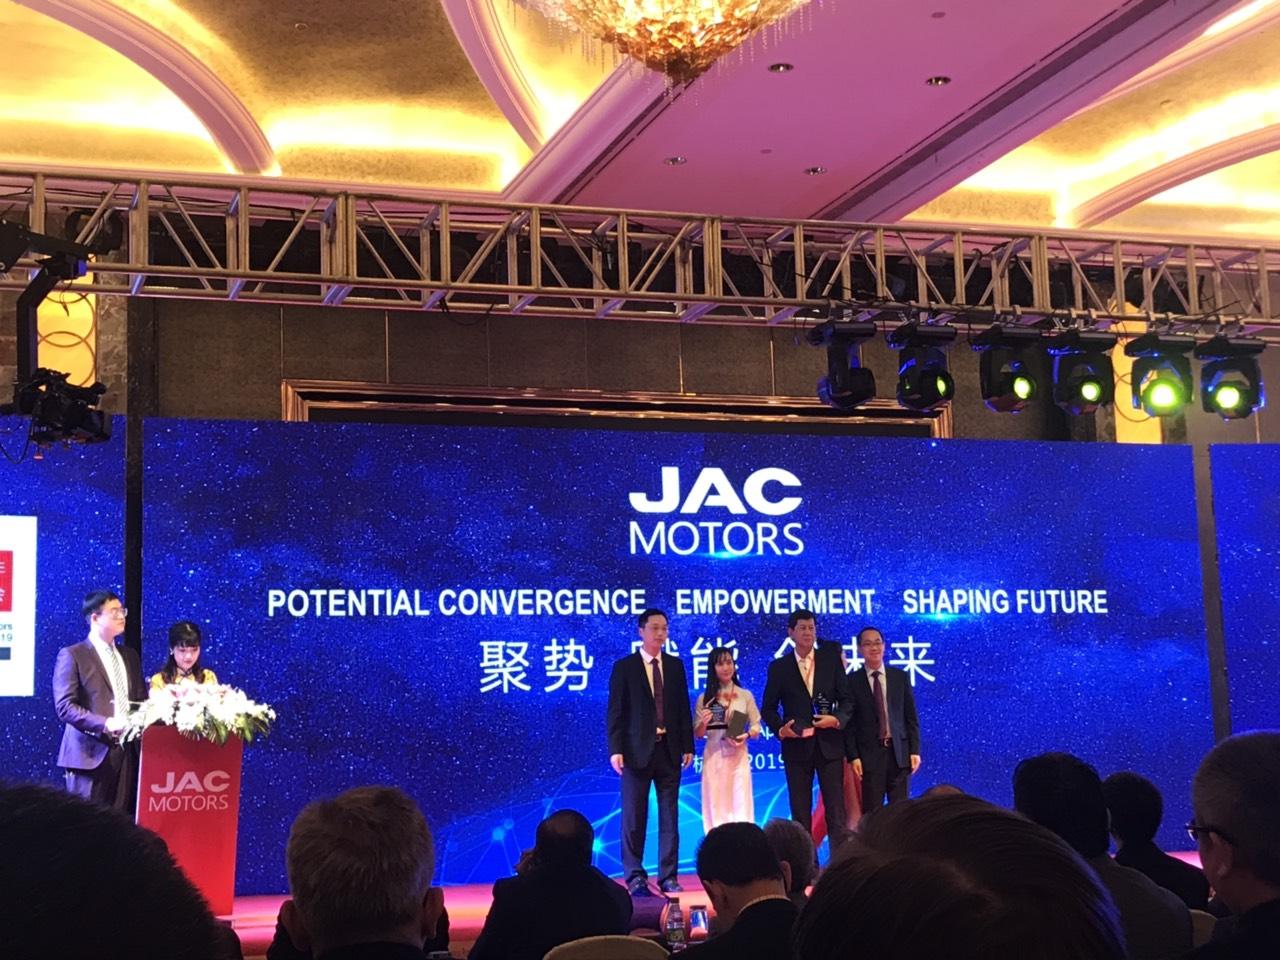 Hội nghị Đại lý JAC QUỐC TẾ 2019 tại Hàng Châu